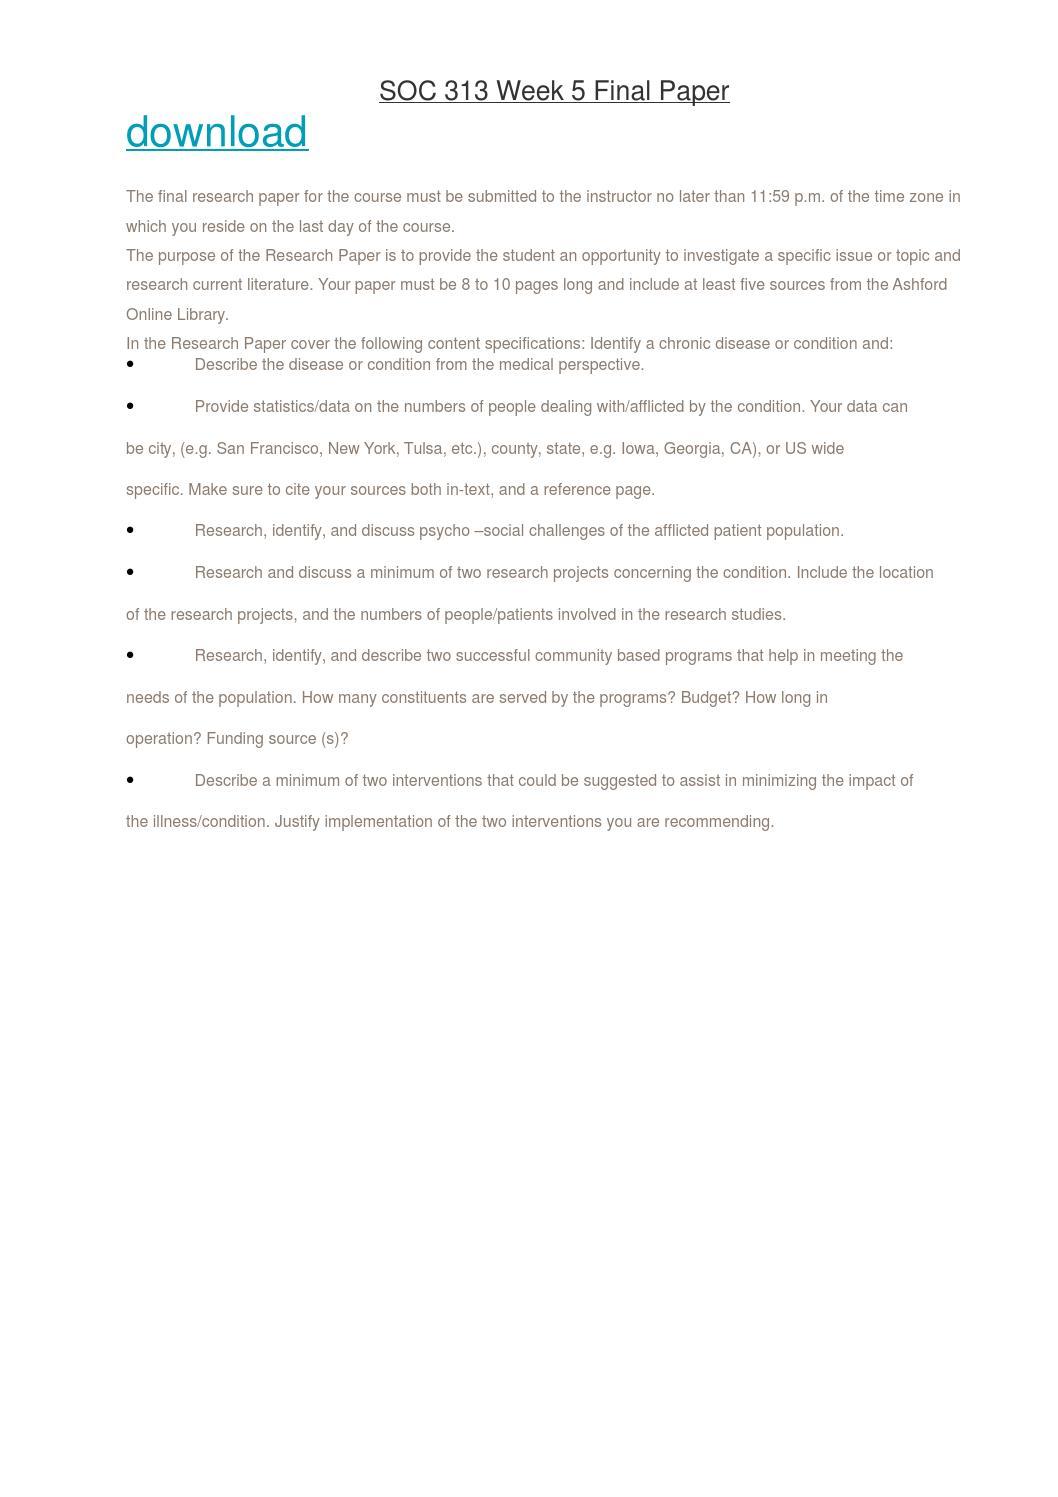 soc 313 week 5 final paper